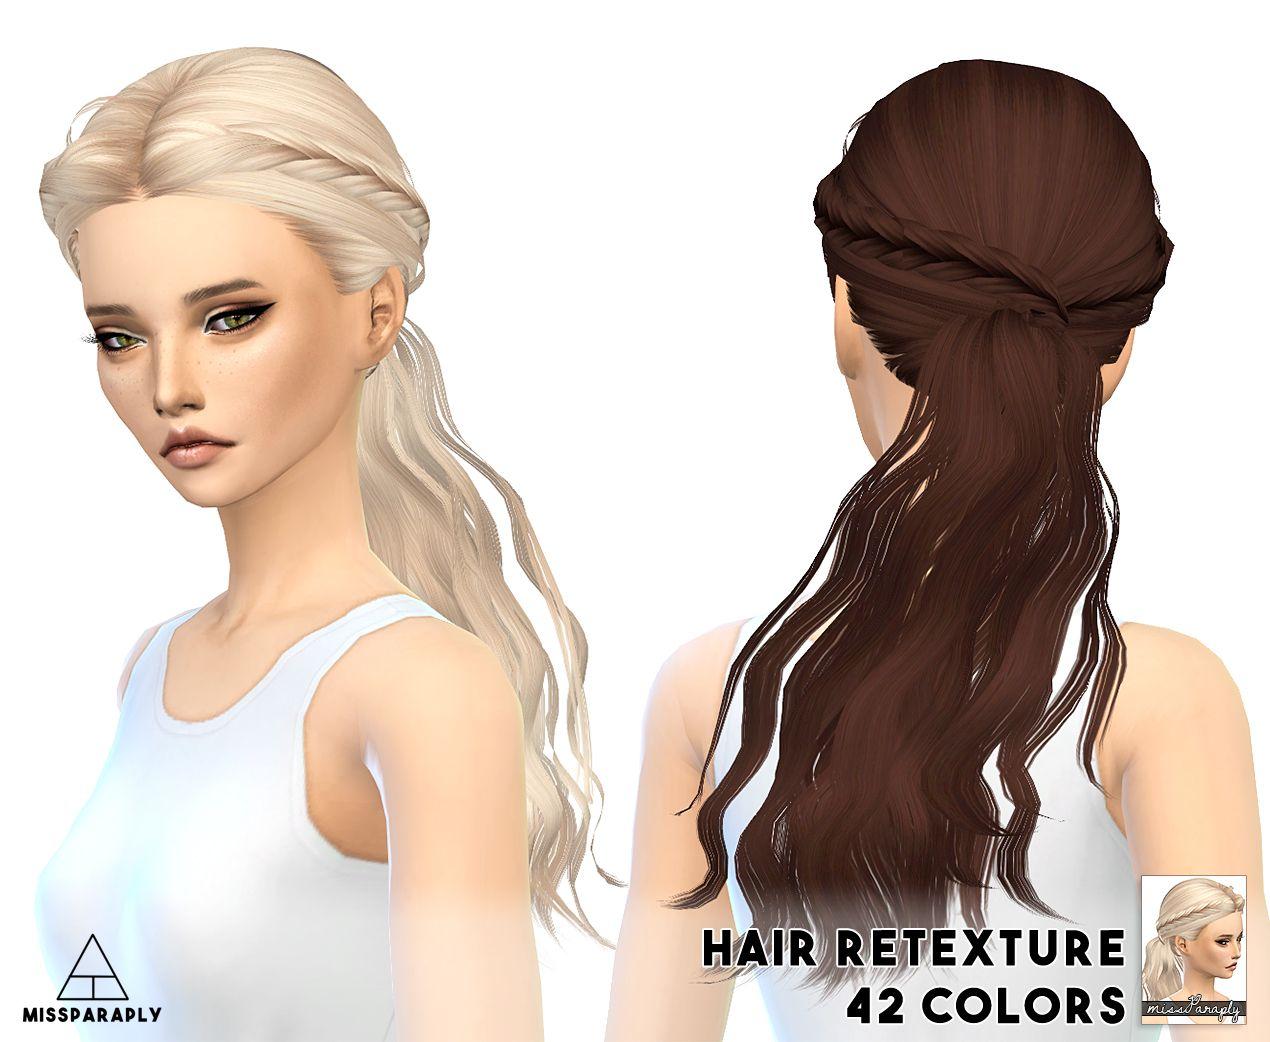 The sims 4 hairstyles cc -  Ts4 Hair Retexture Skysims Hairs Hairs By Skysims 42 Colors Long Hairstylessims 4 Cc